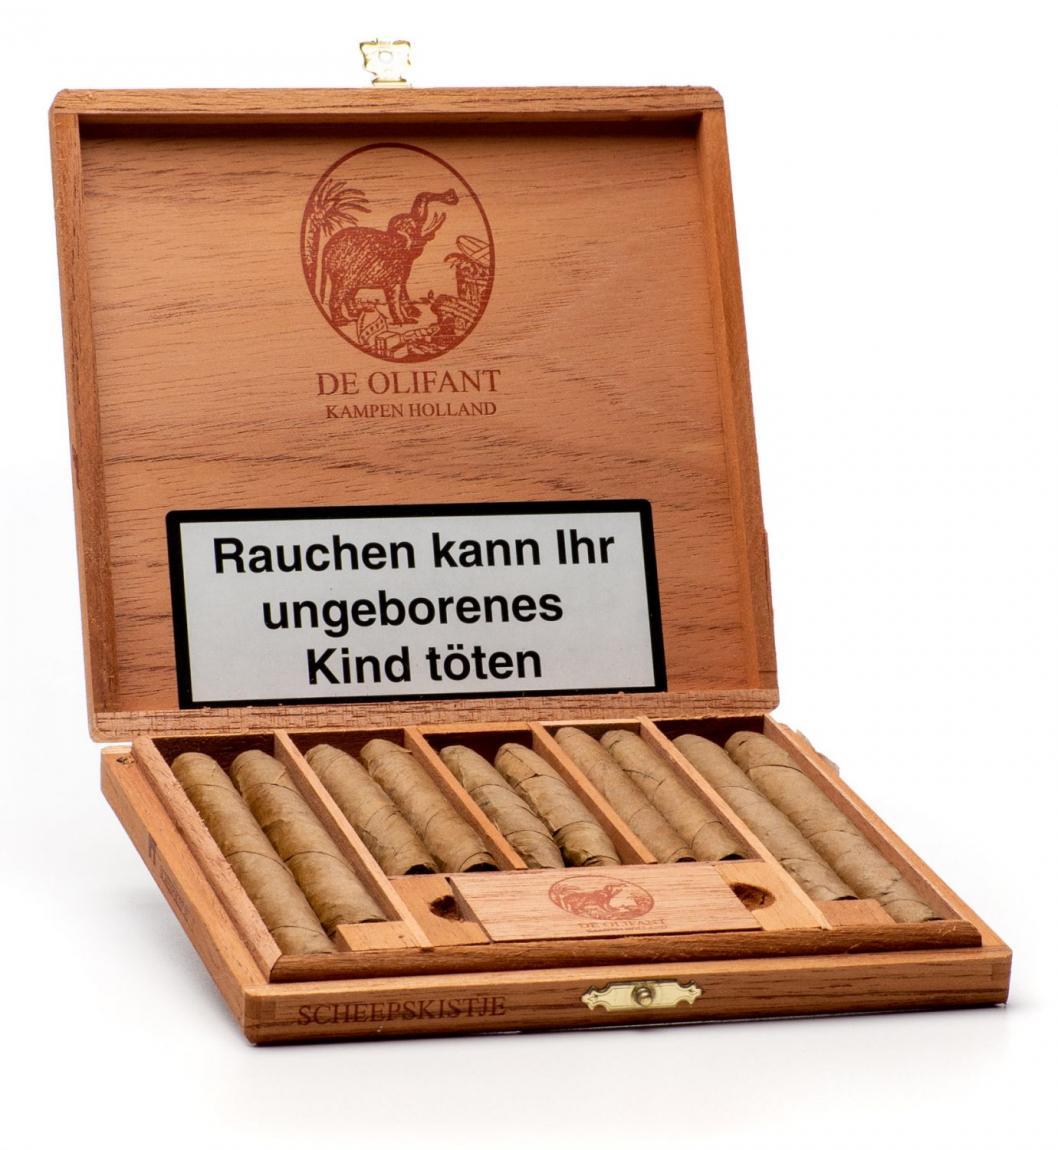 DE OLIFANT »Scheepskistje« Sortiment 10er Kiste